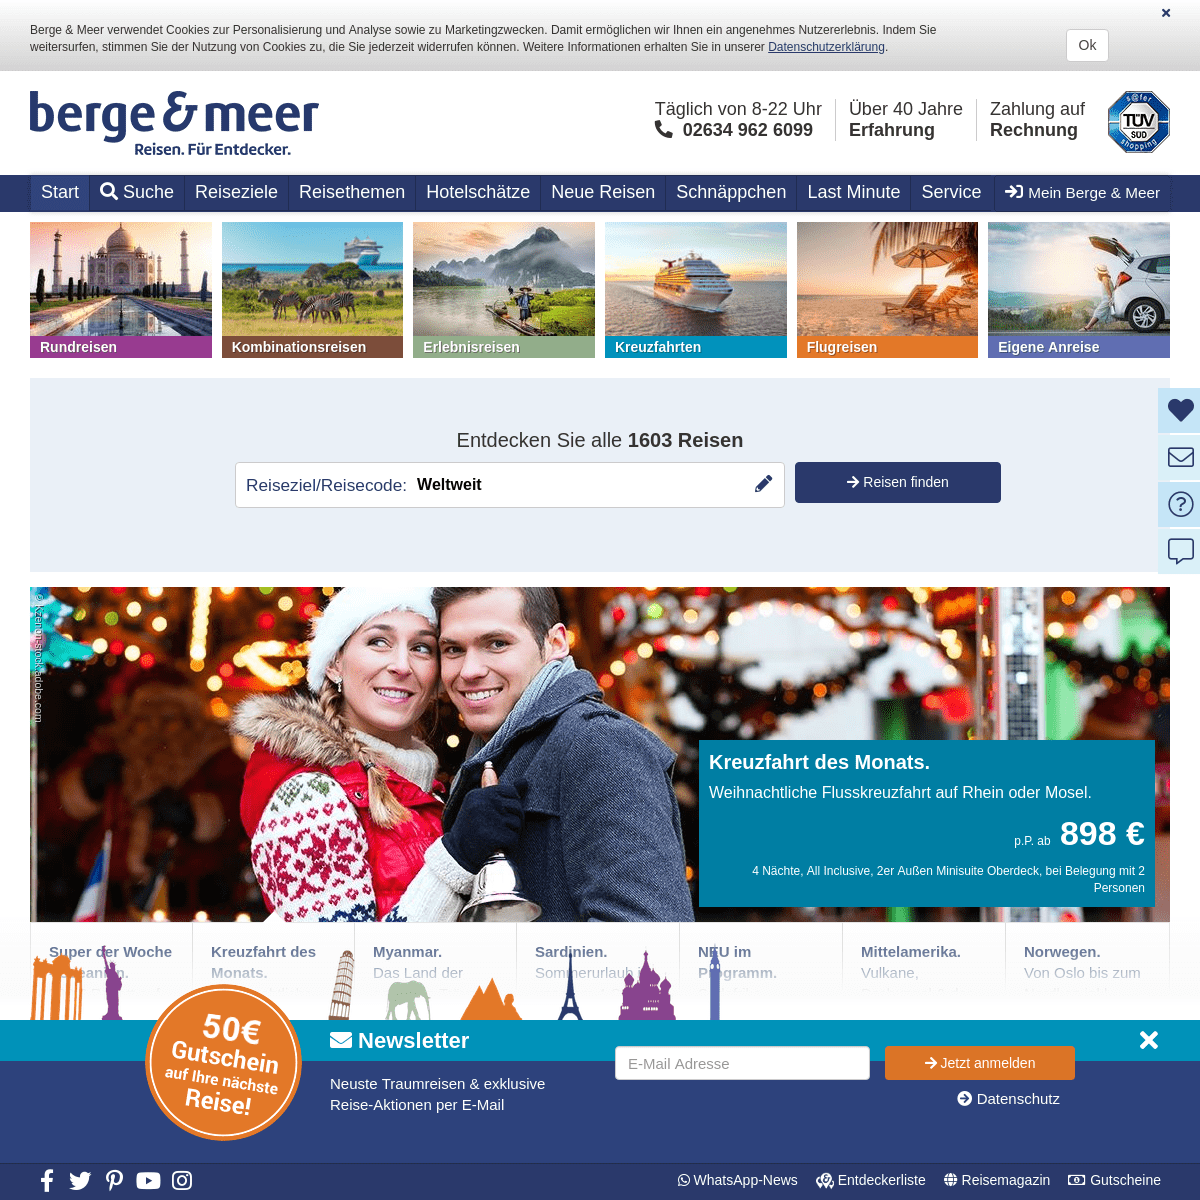 Rundreisen, Kreuzfahrten und Städtereisen von Berge & Meer - Berge & Meer